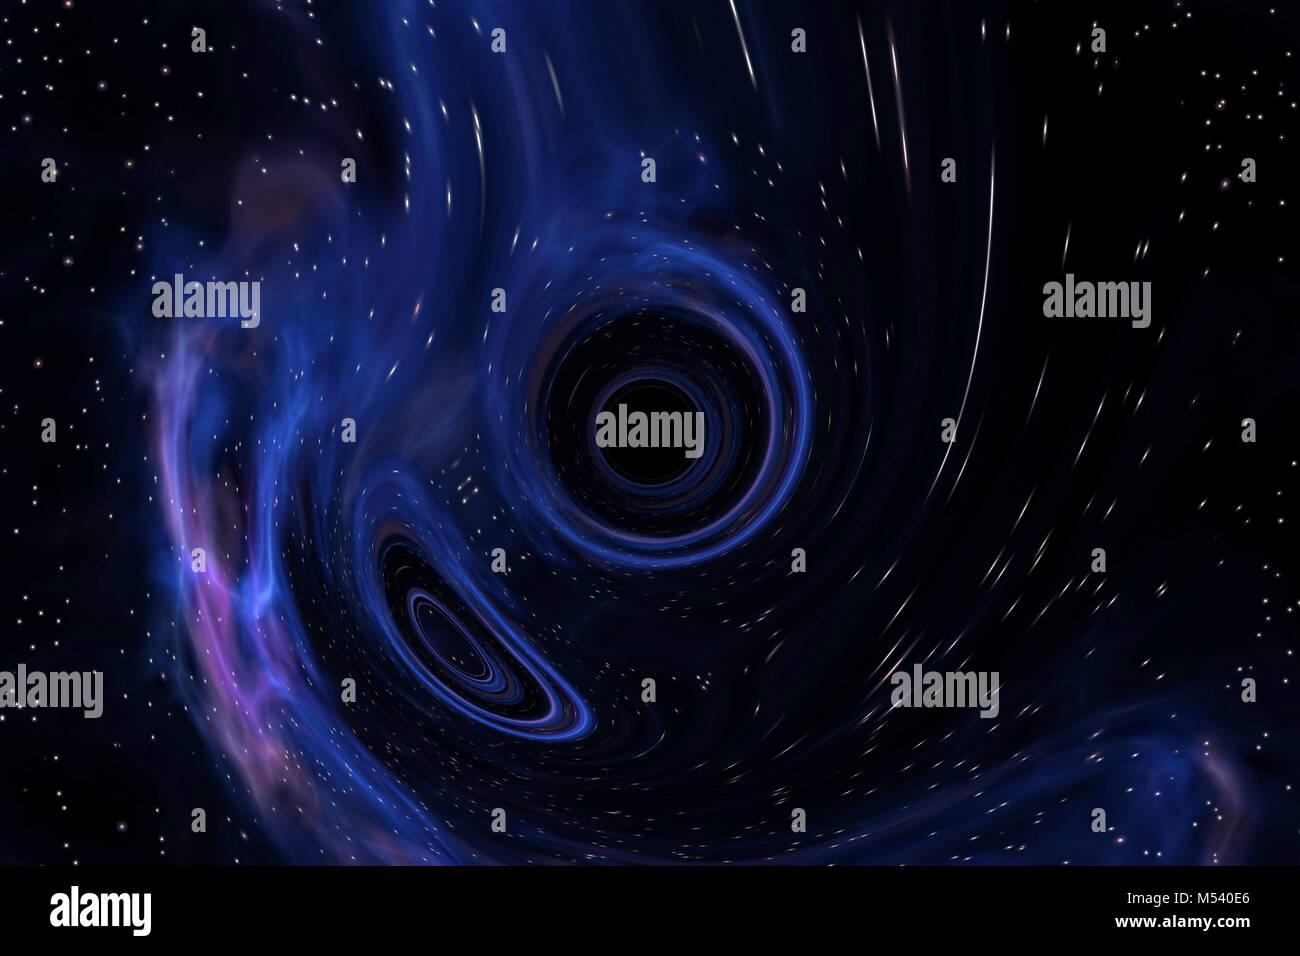 black hole anomaly - Stock Image